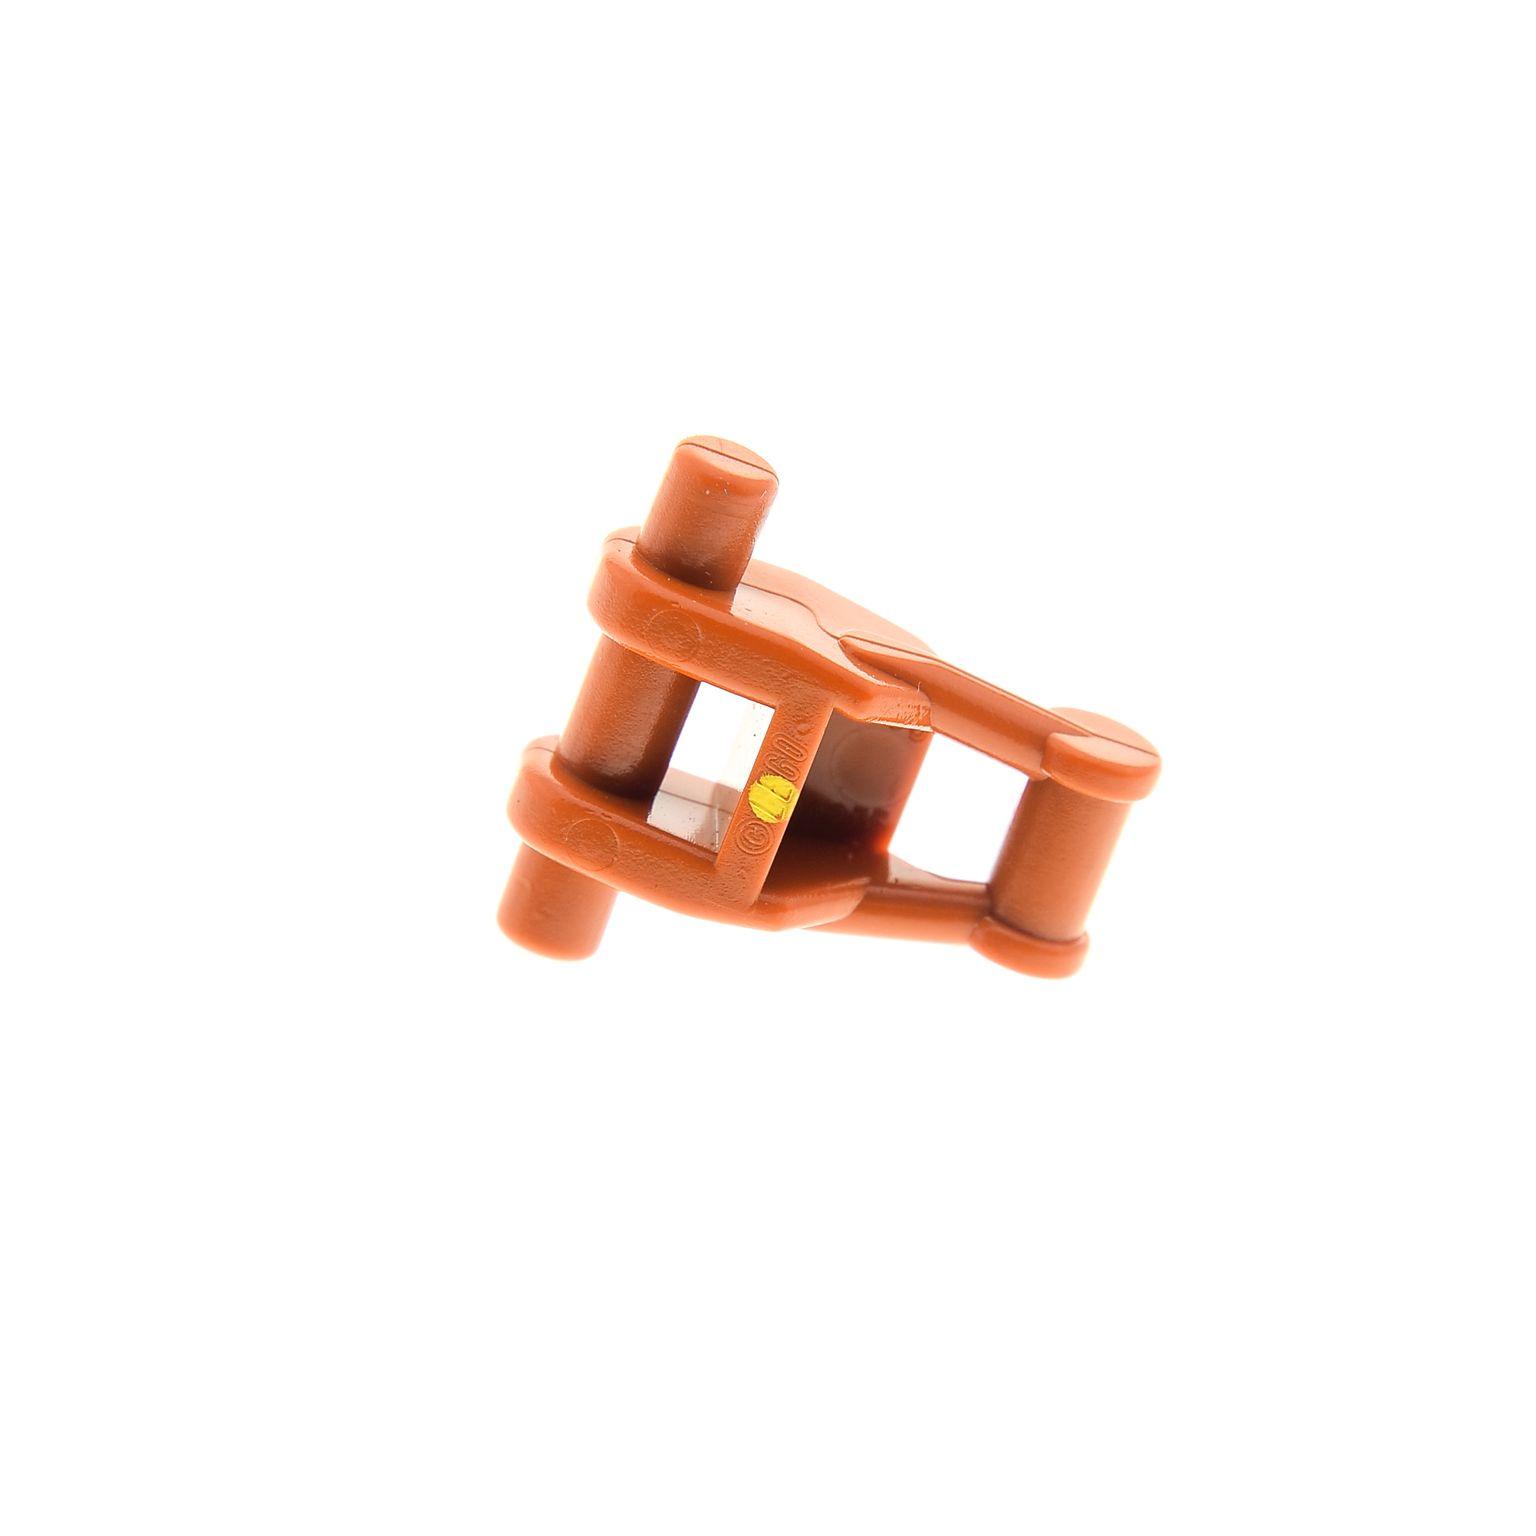 1x Lego Star Wars Torso Figur Droide dunkel orange Abzeichen gelb sw482 30375ps4